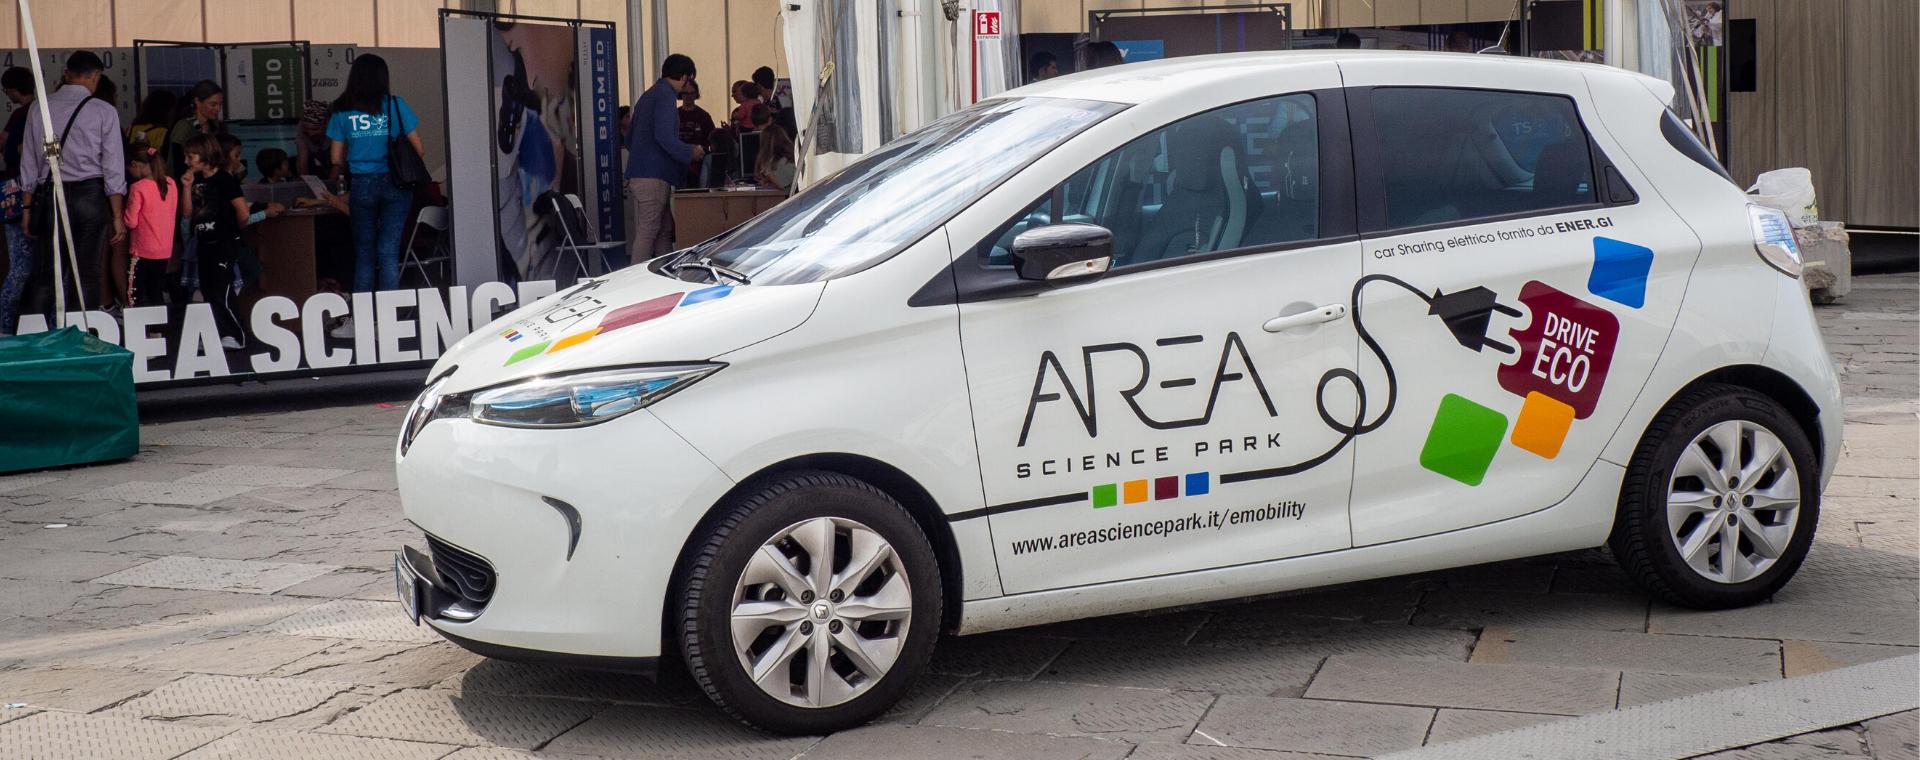 Car Sharing elettrico in Area Science Park: conclusa con successo la sperimentazione del servizio